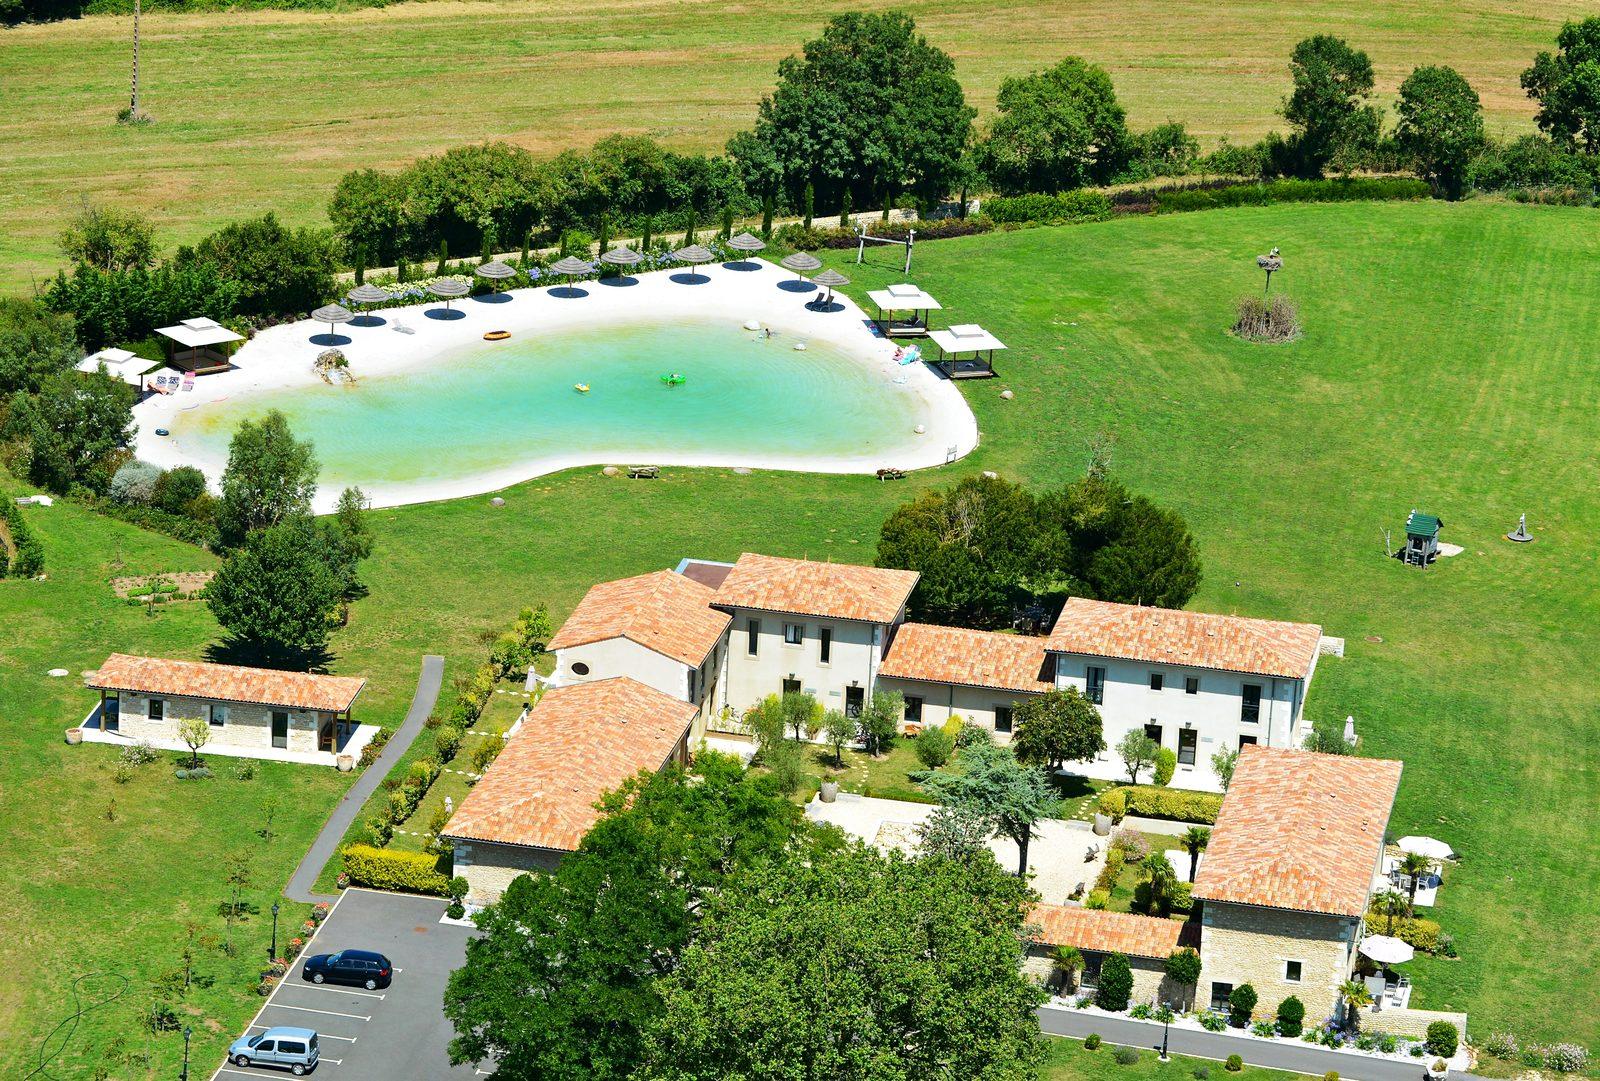 Frankrijk, Charente Maritime, luxe vakantiehuizen, zwembad, strand, kindvriendelijk, kleinschalig